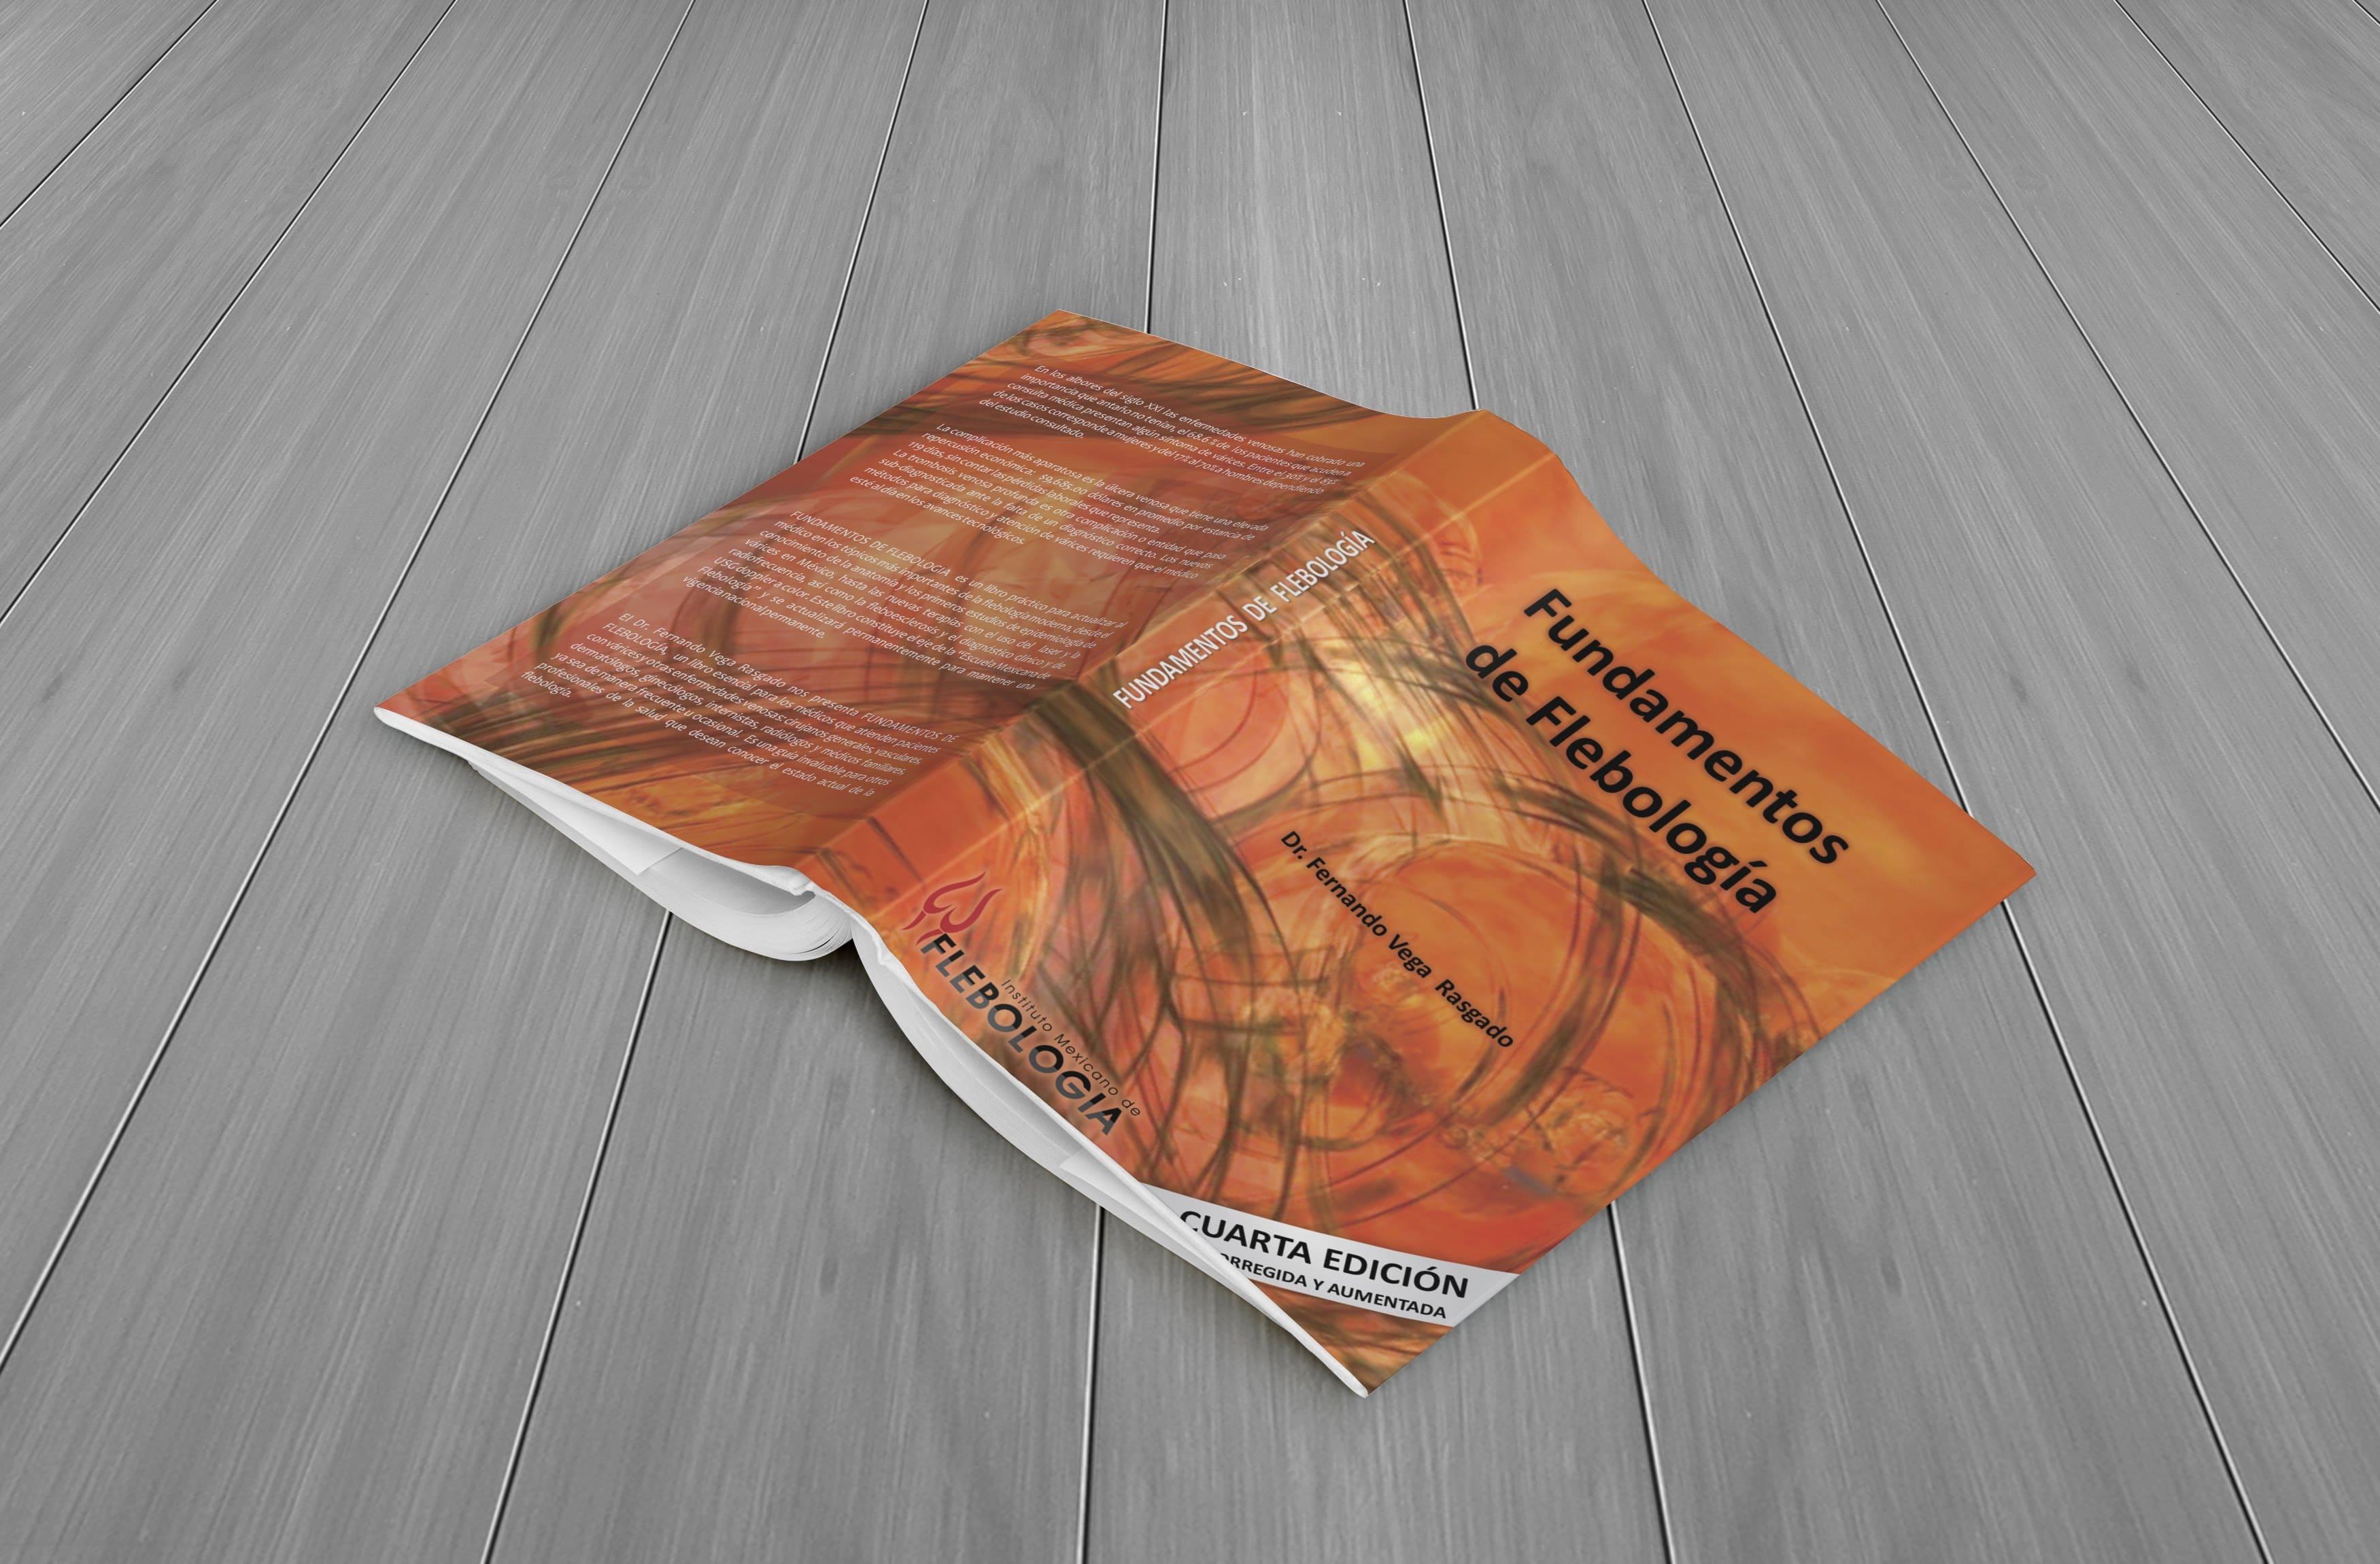 CONOCE EL LIBRO DE FLEBOLOGÍA - Libro Fundamentos de Flebología - IMF - Flebología México Instituto